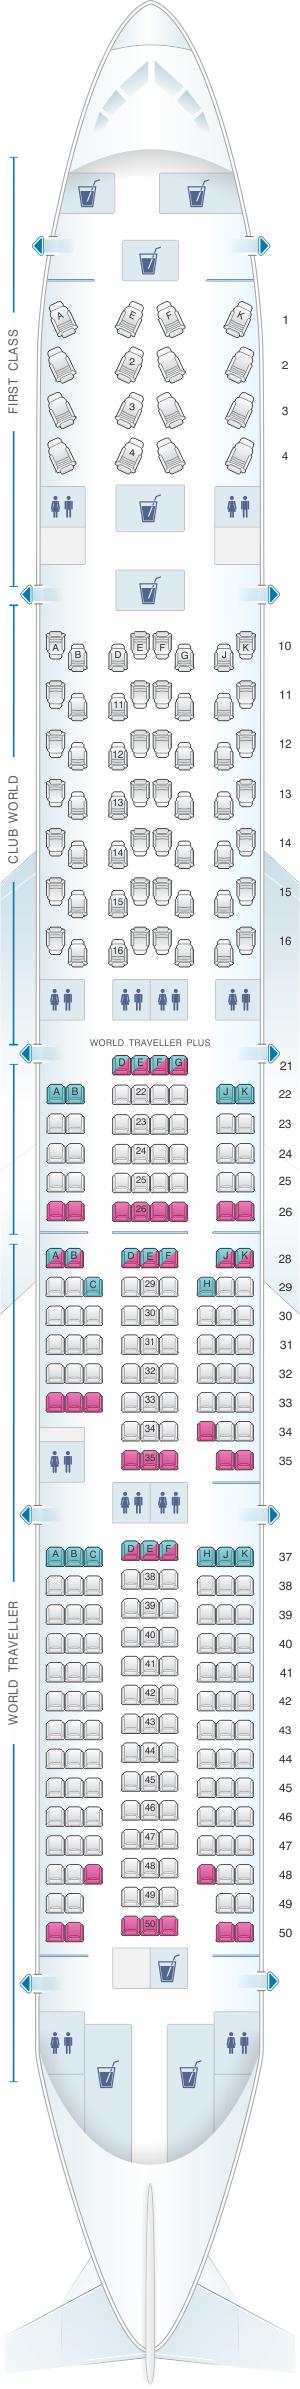 Seat map for British Airways Boeing B777 300